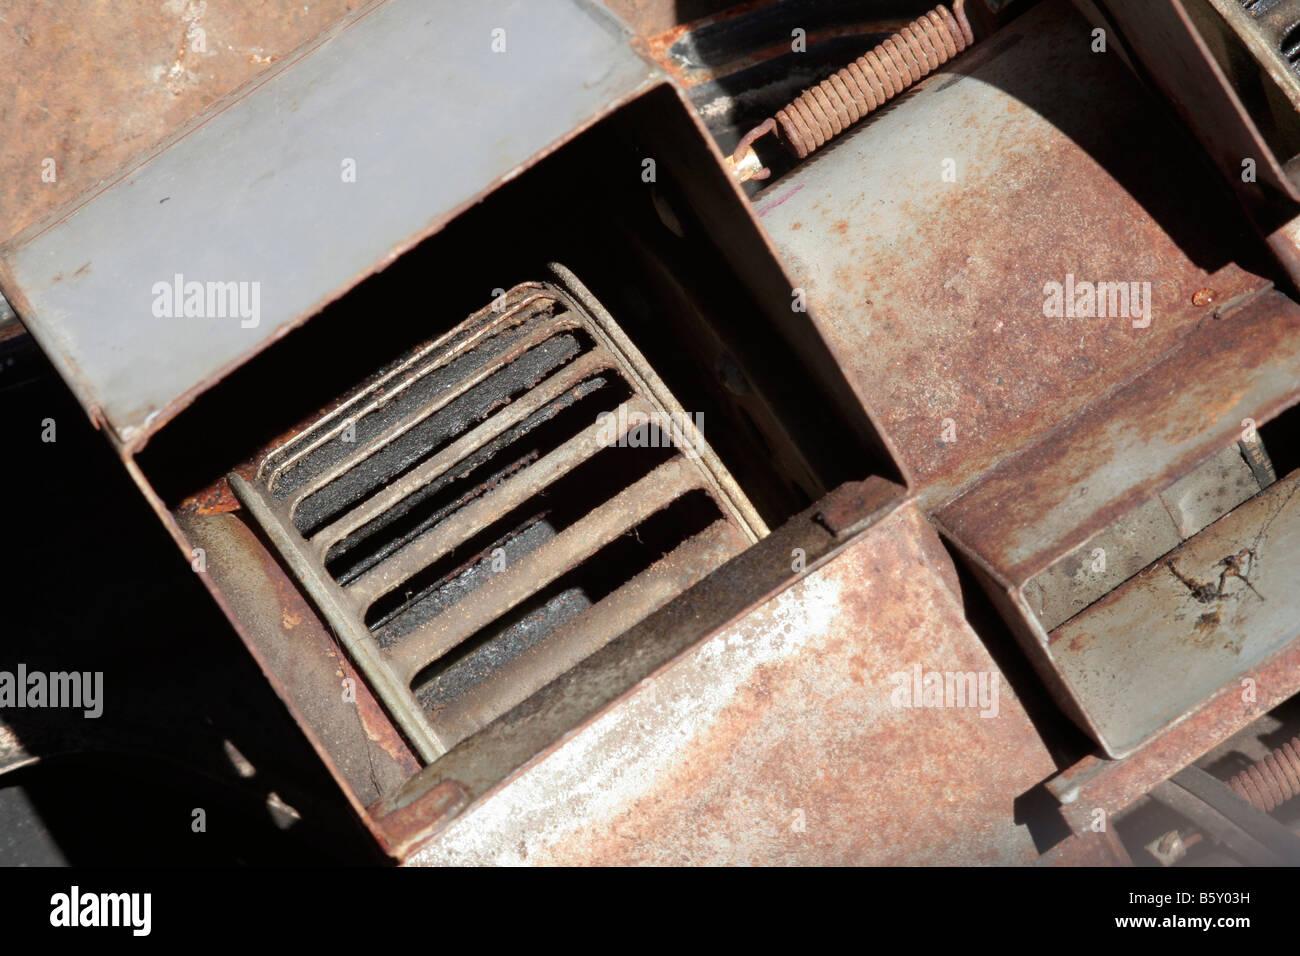 Eichhörnchen-Käfig-Fan aus dem Dienst entfernt Stockbild